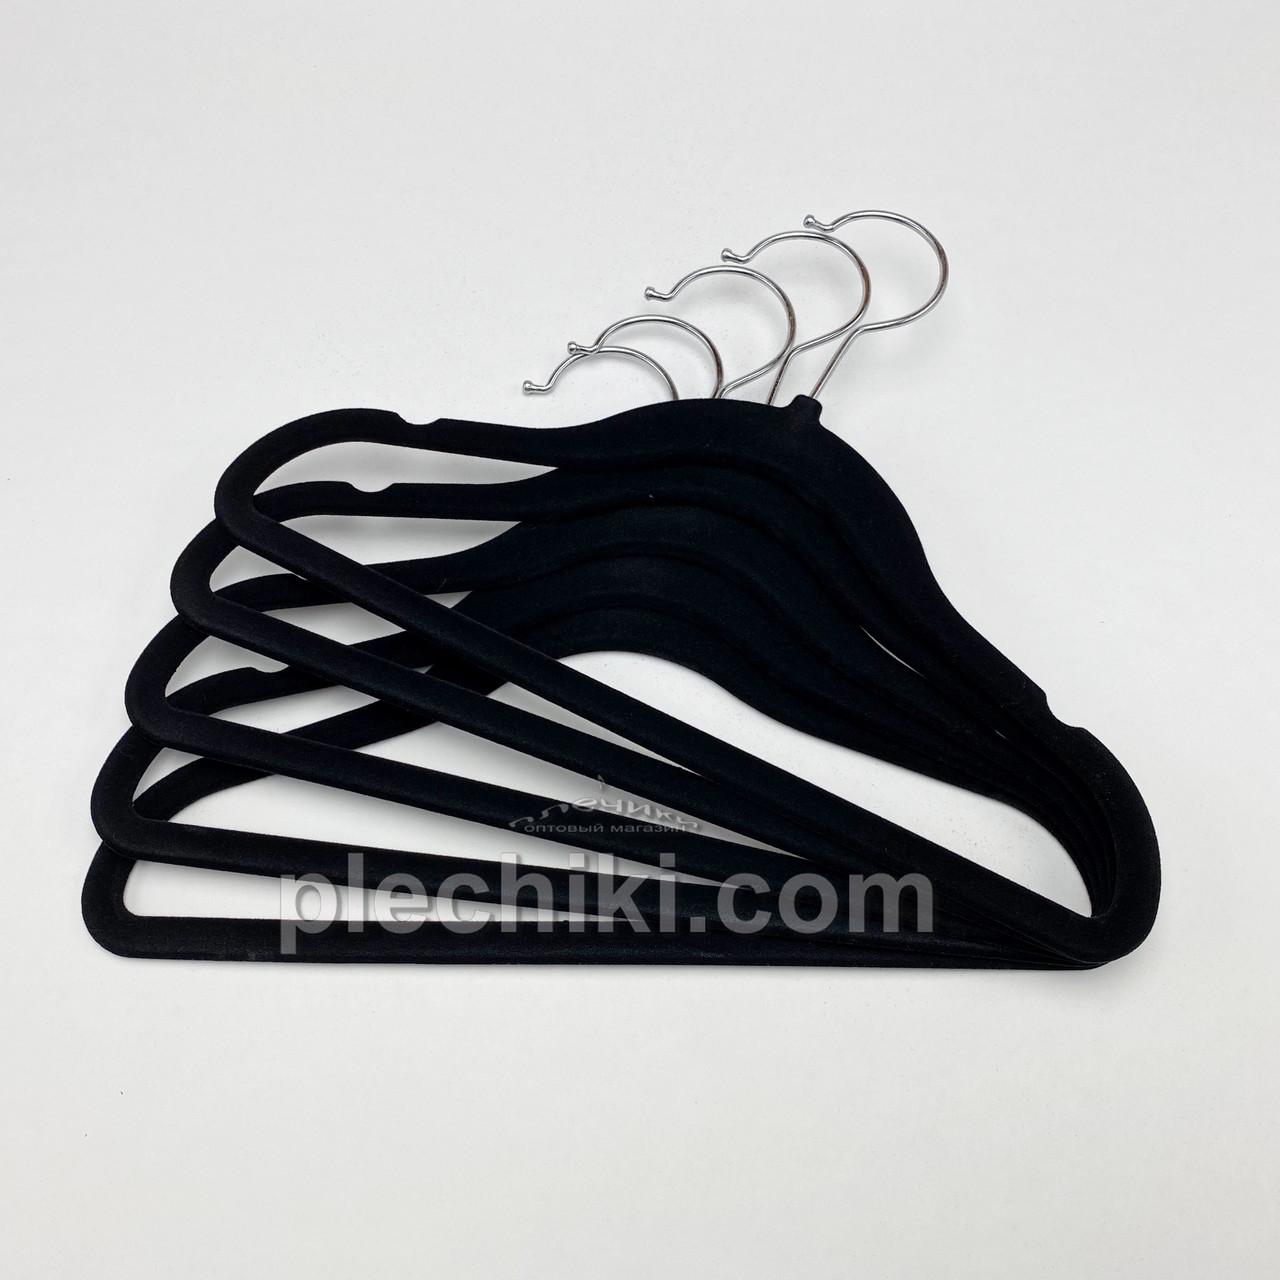 Флокированные вешалки для одежды детские (бархатные, велюровые) черного цвета, длина 280 мм